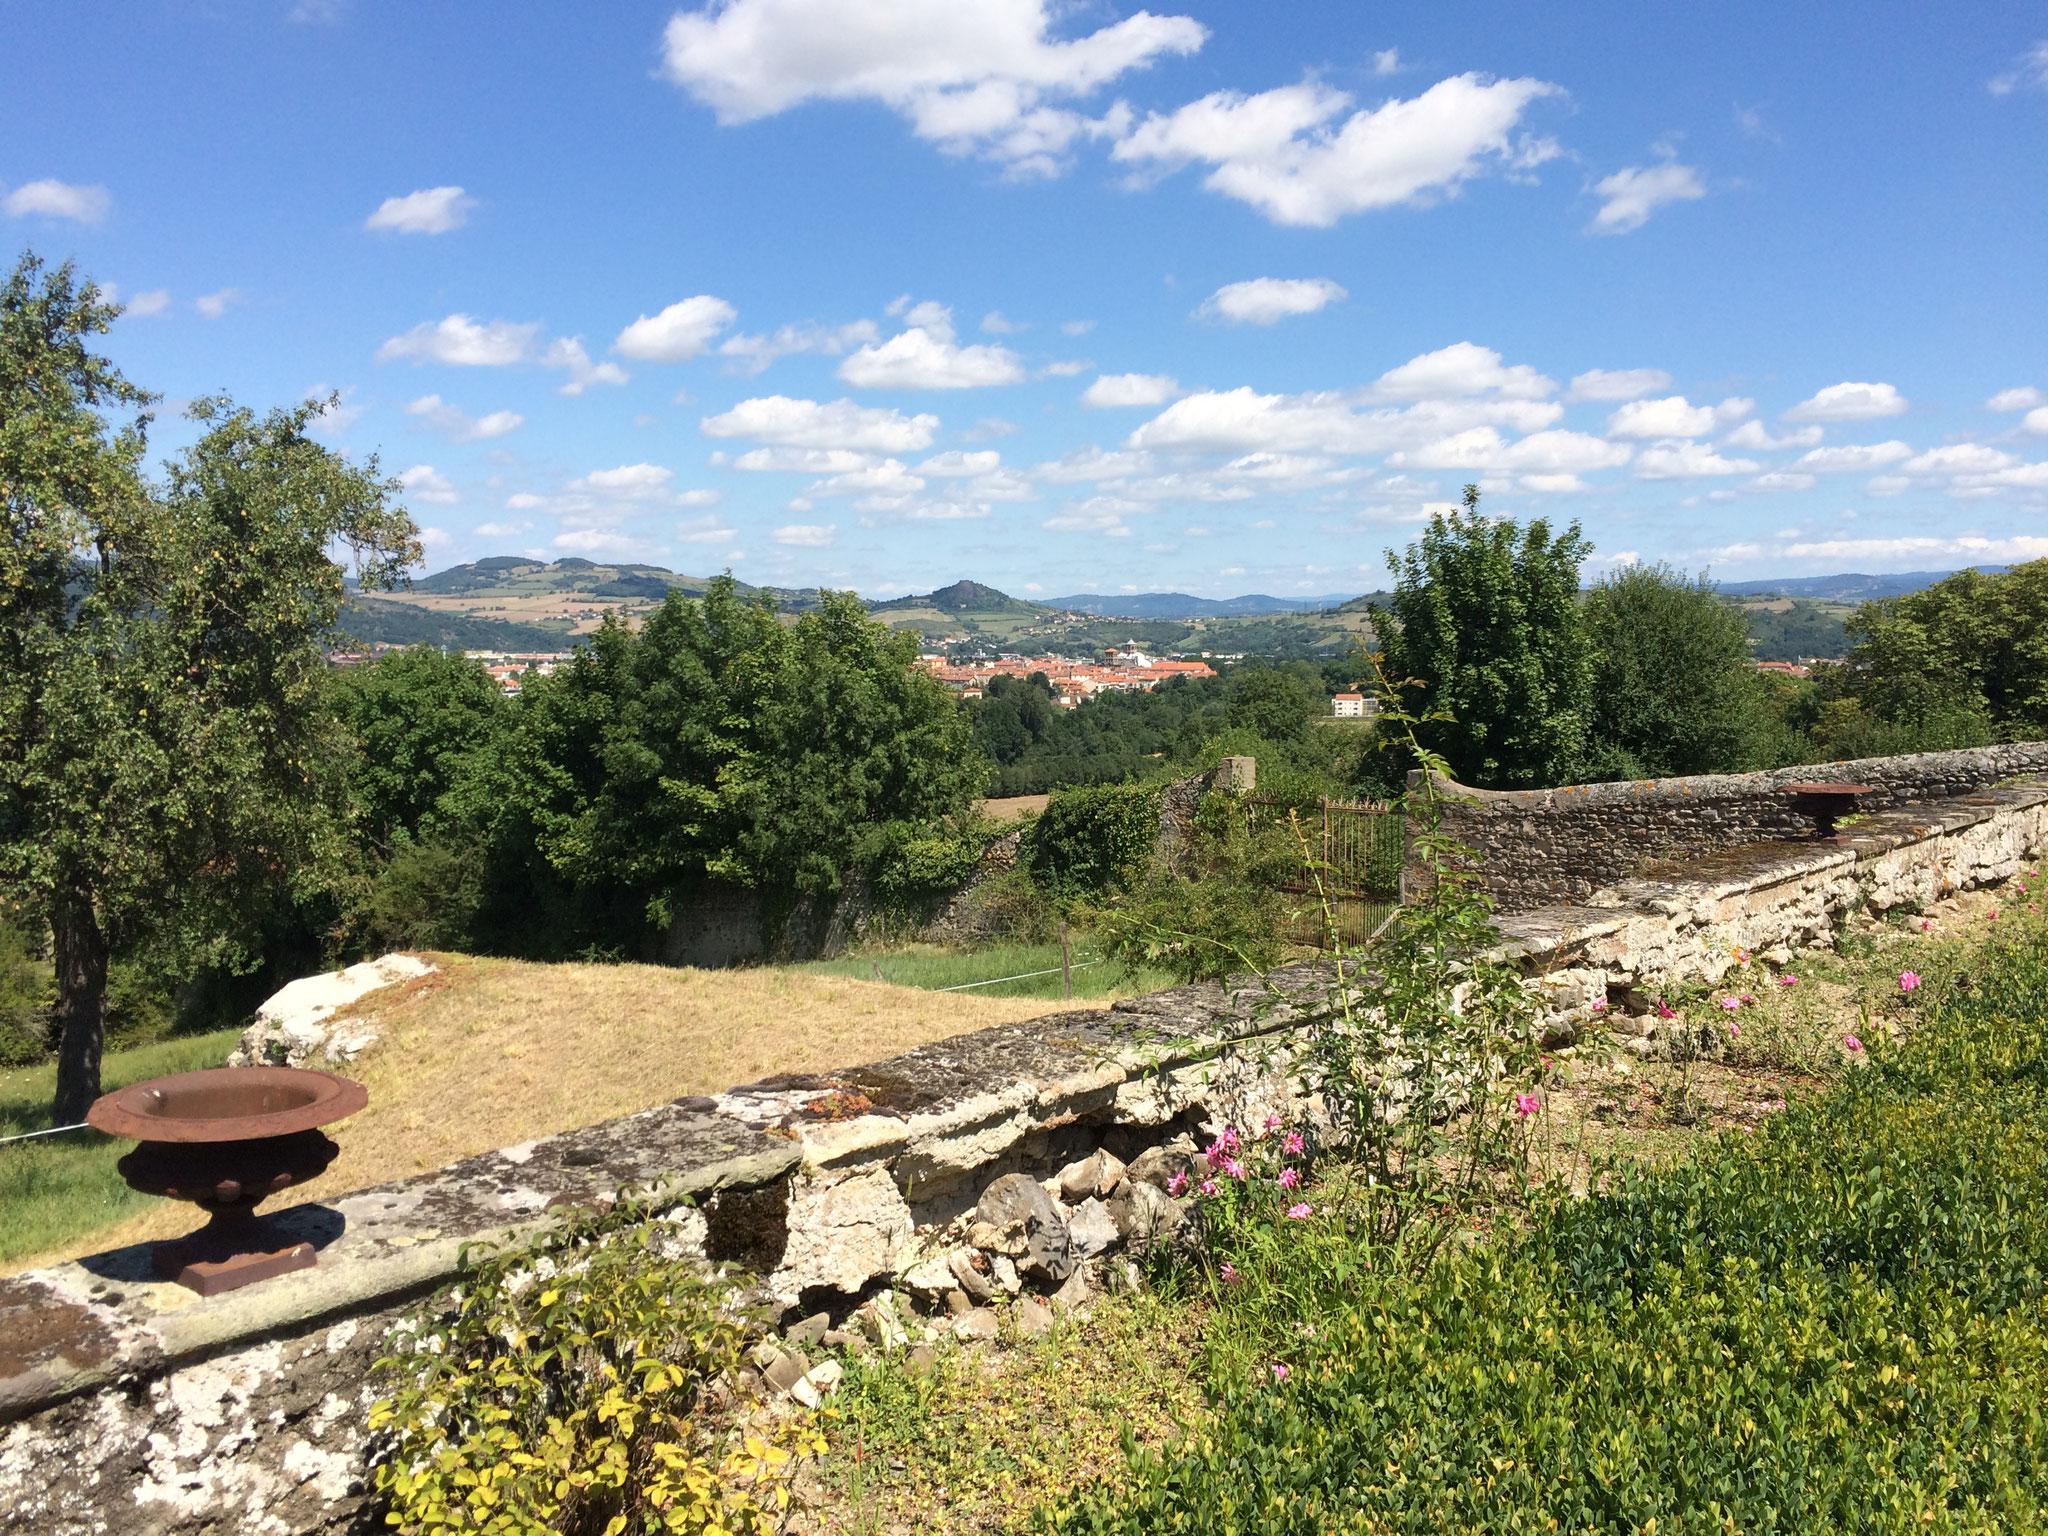 La vue sur Issoire depuis les jardins du château de Hauterive.